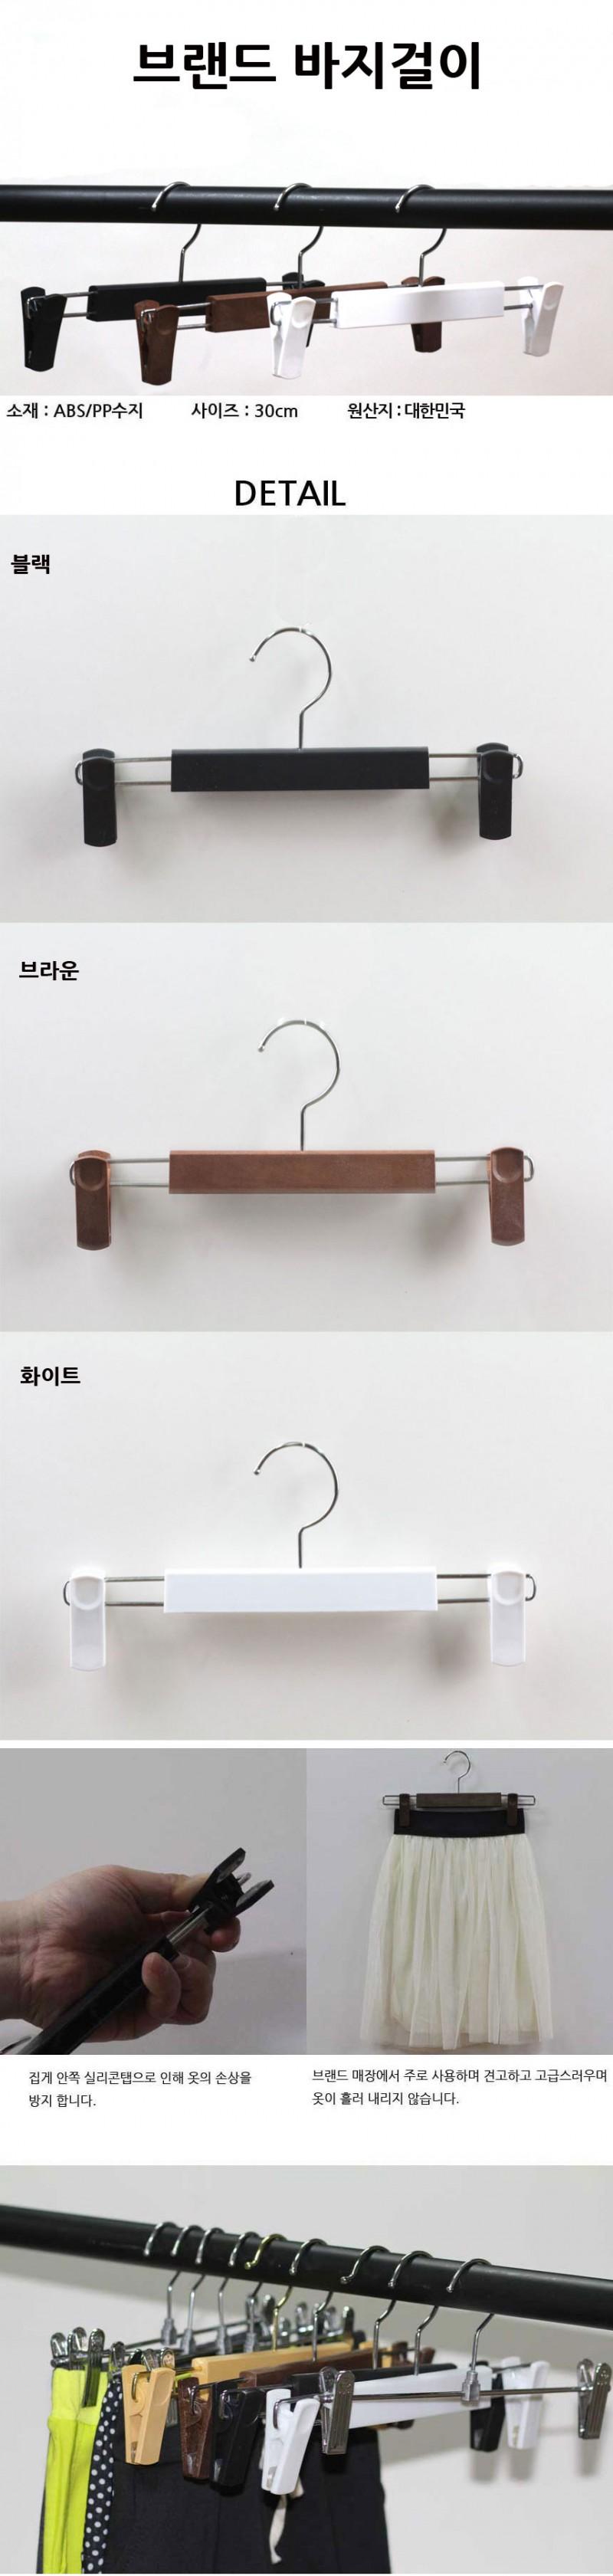 브랜드 바지걸이 660원